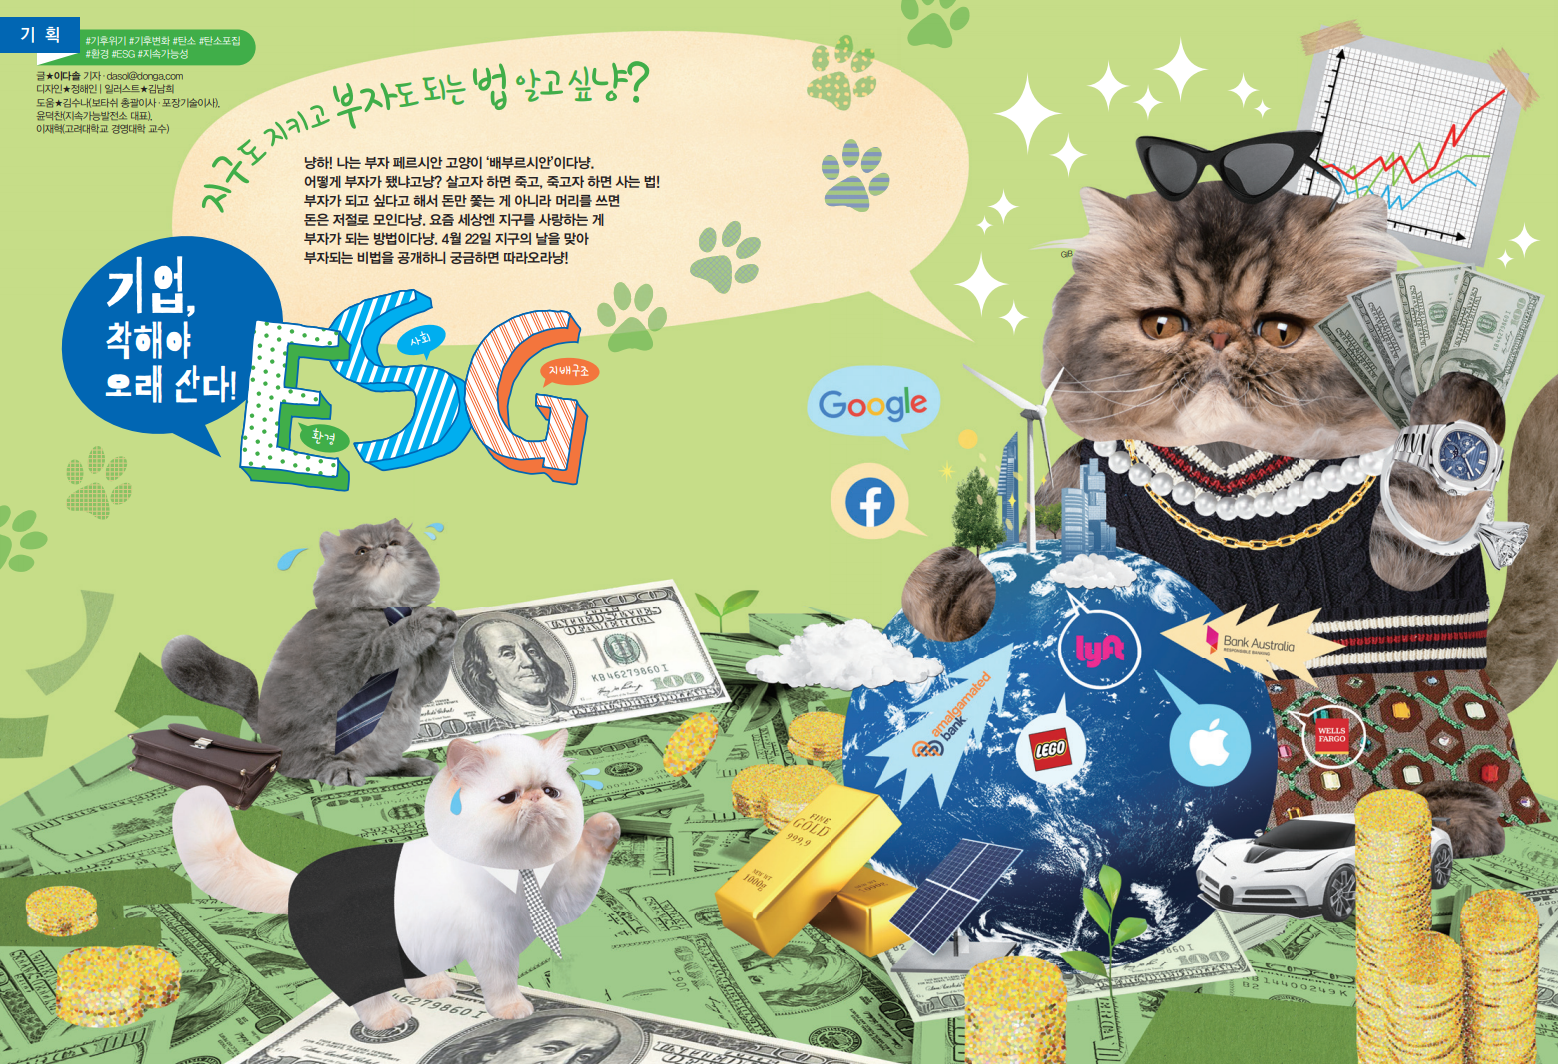 [기획] ESG 지구도 지키고 부자도 되는법 알고싶냥? 기업, 착해야 오래 산다!